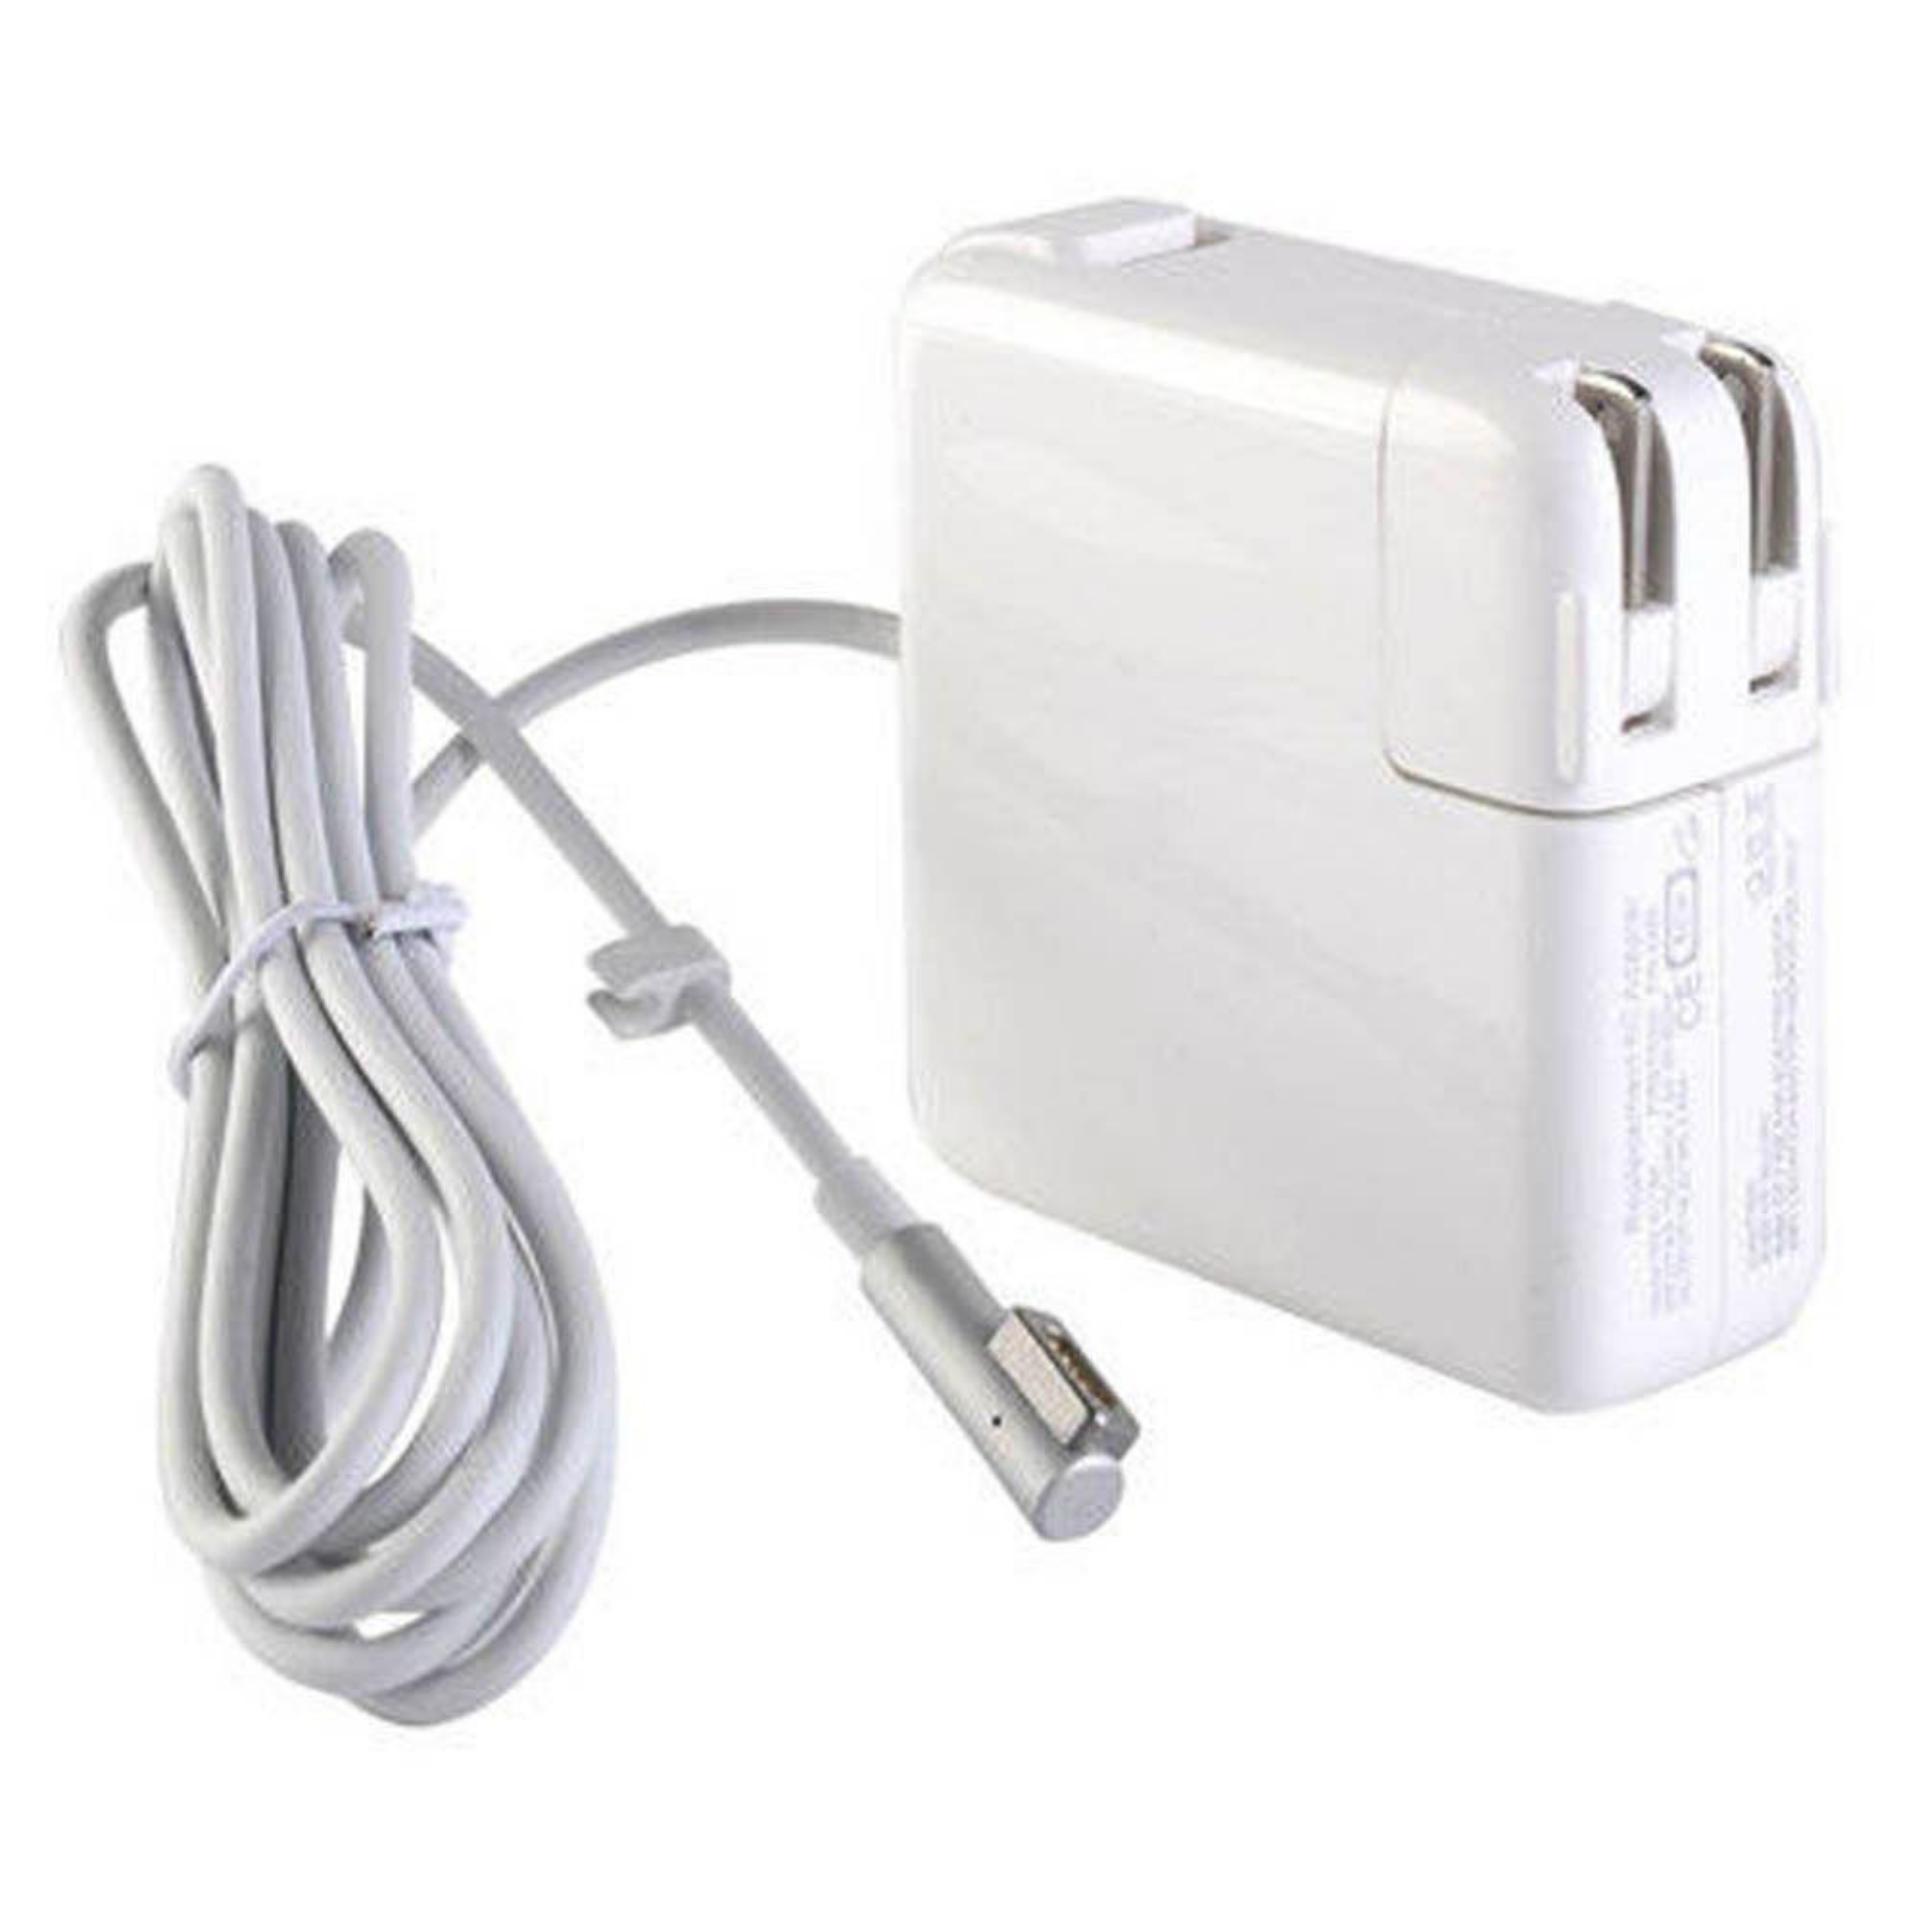 Sạc Apple Macbook Magsafe 1 60W (Trắng) – Hàng nhập khẩu